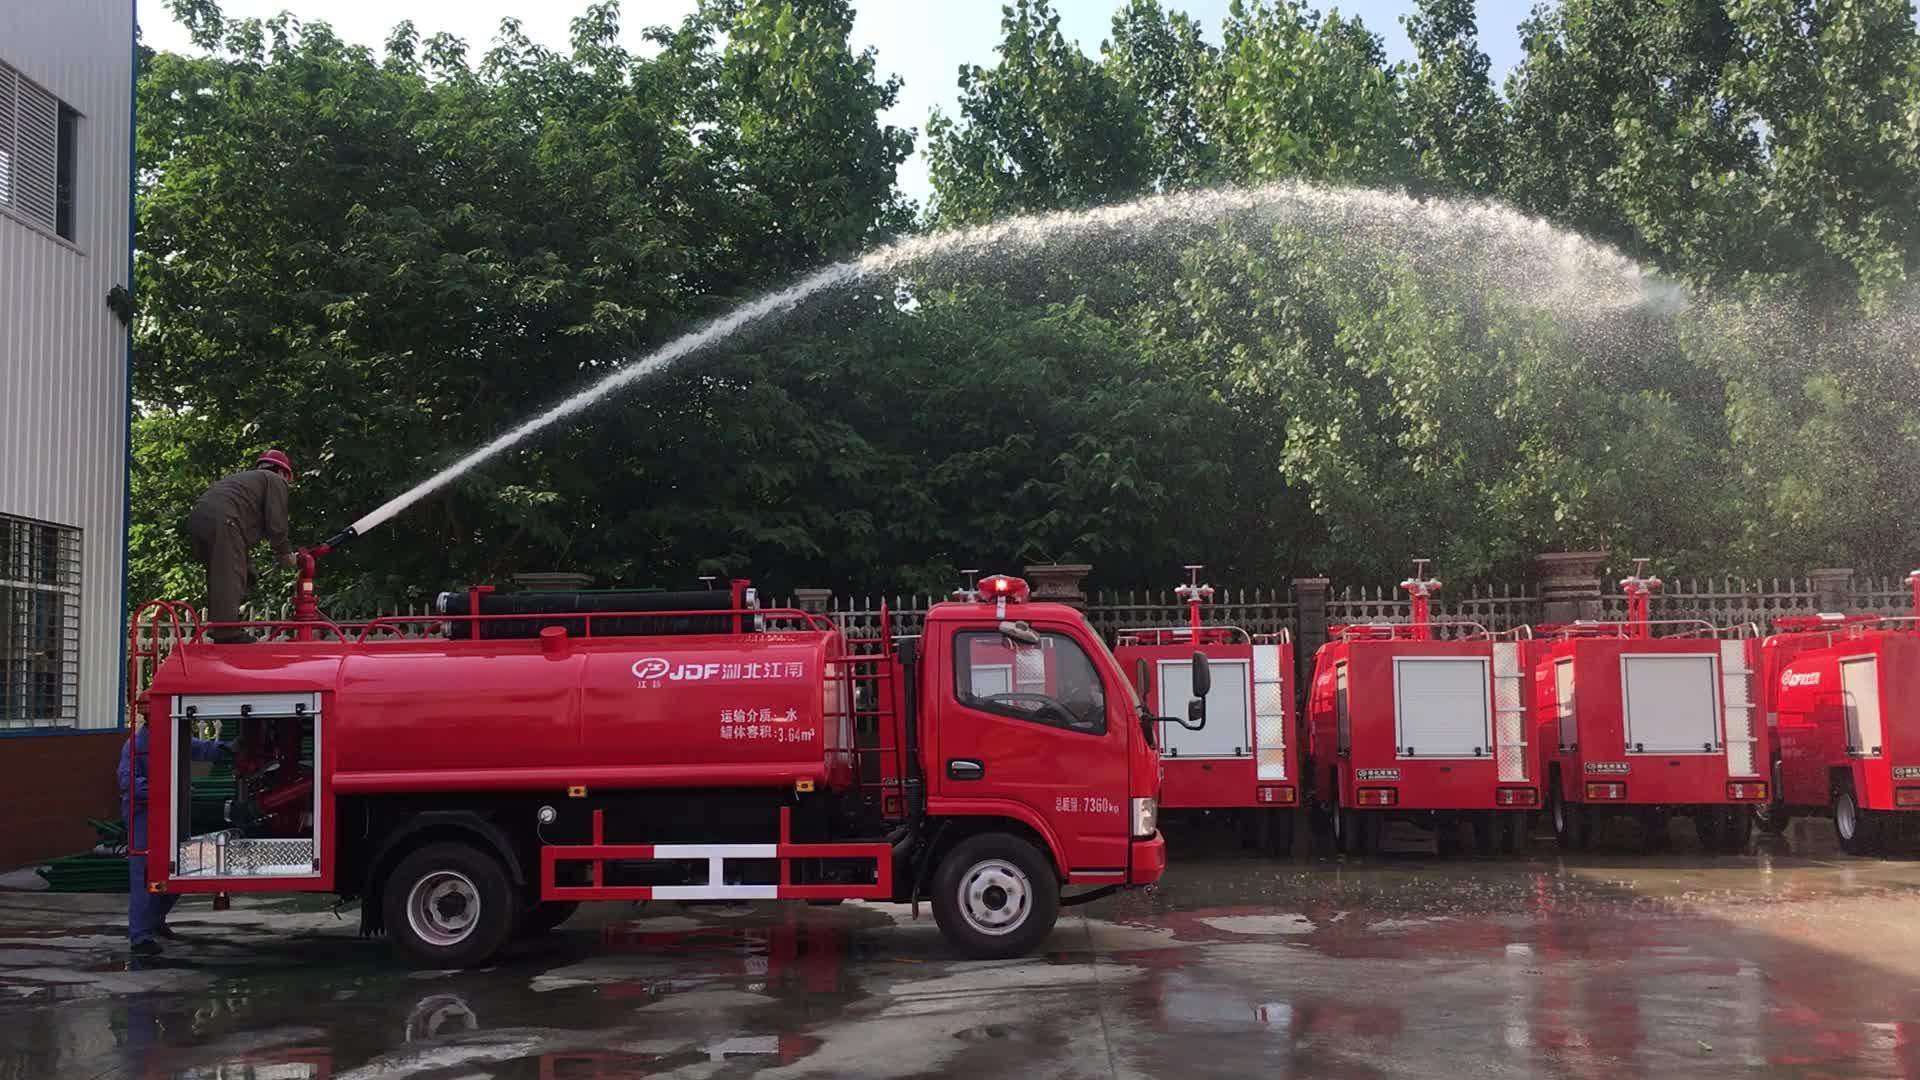 30 m tưới nước phạm vi của 3000L nhỏ cháy động cơ